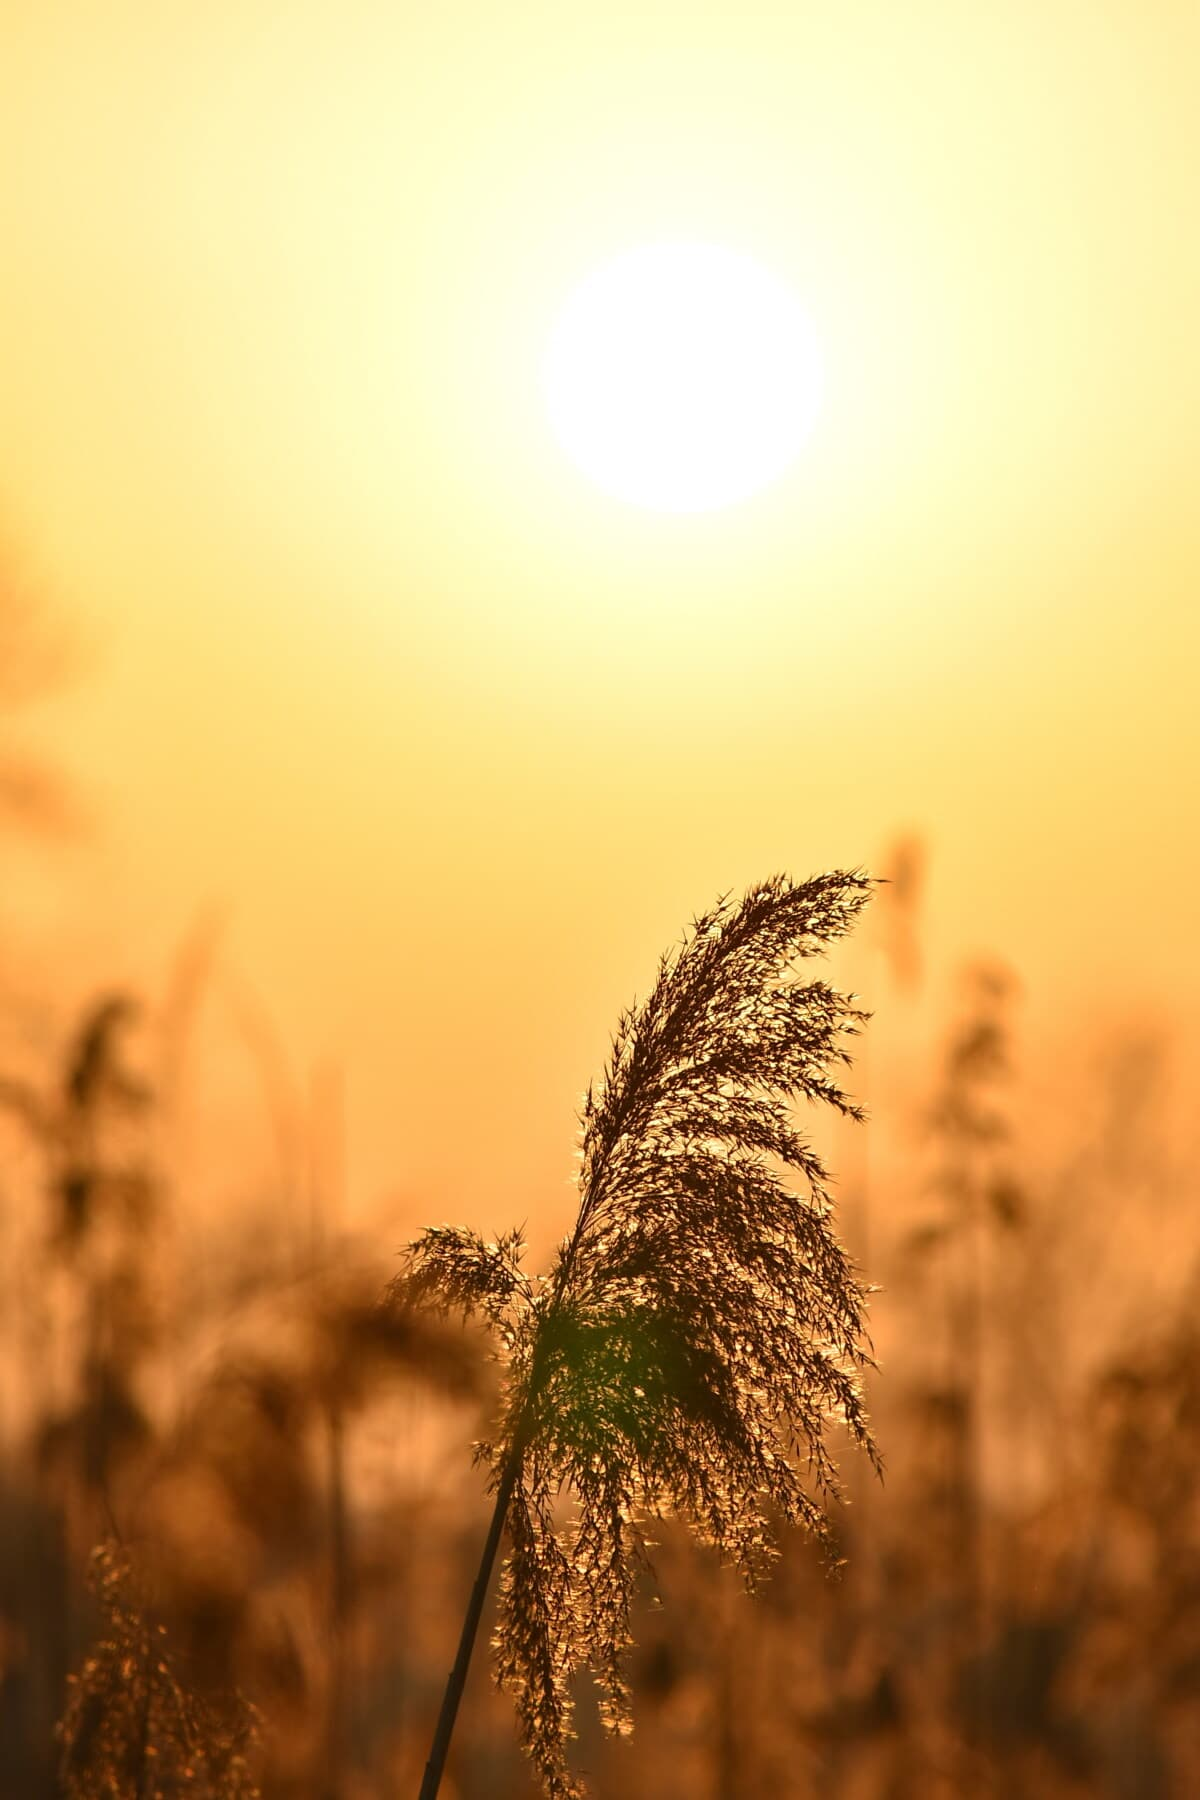 marrom amarelado, silhueta, Luz do sol, campos de gramíneas, idílico, majestoso, pôr do sol, brilho, paisagem, sol